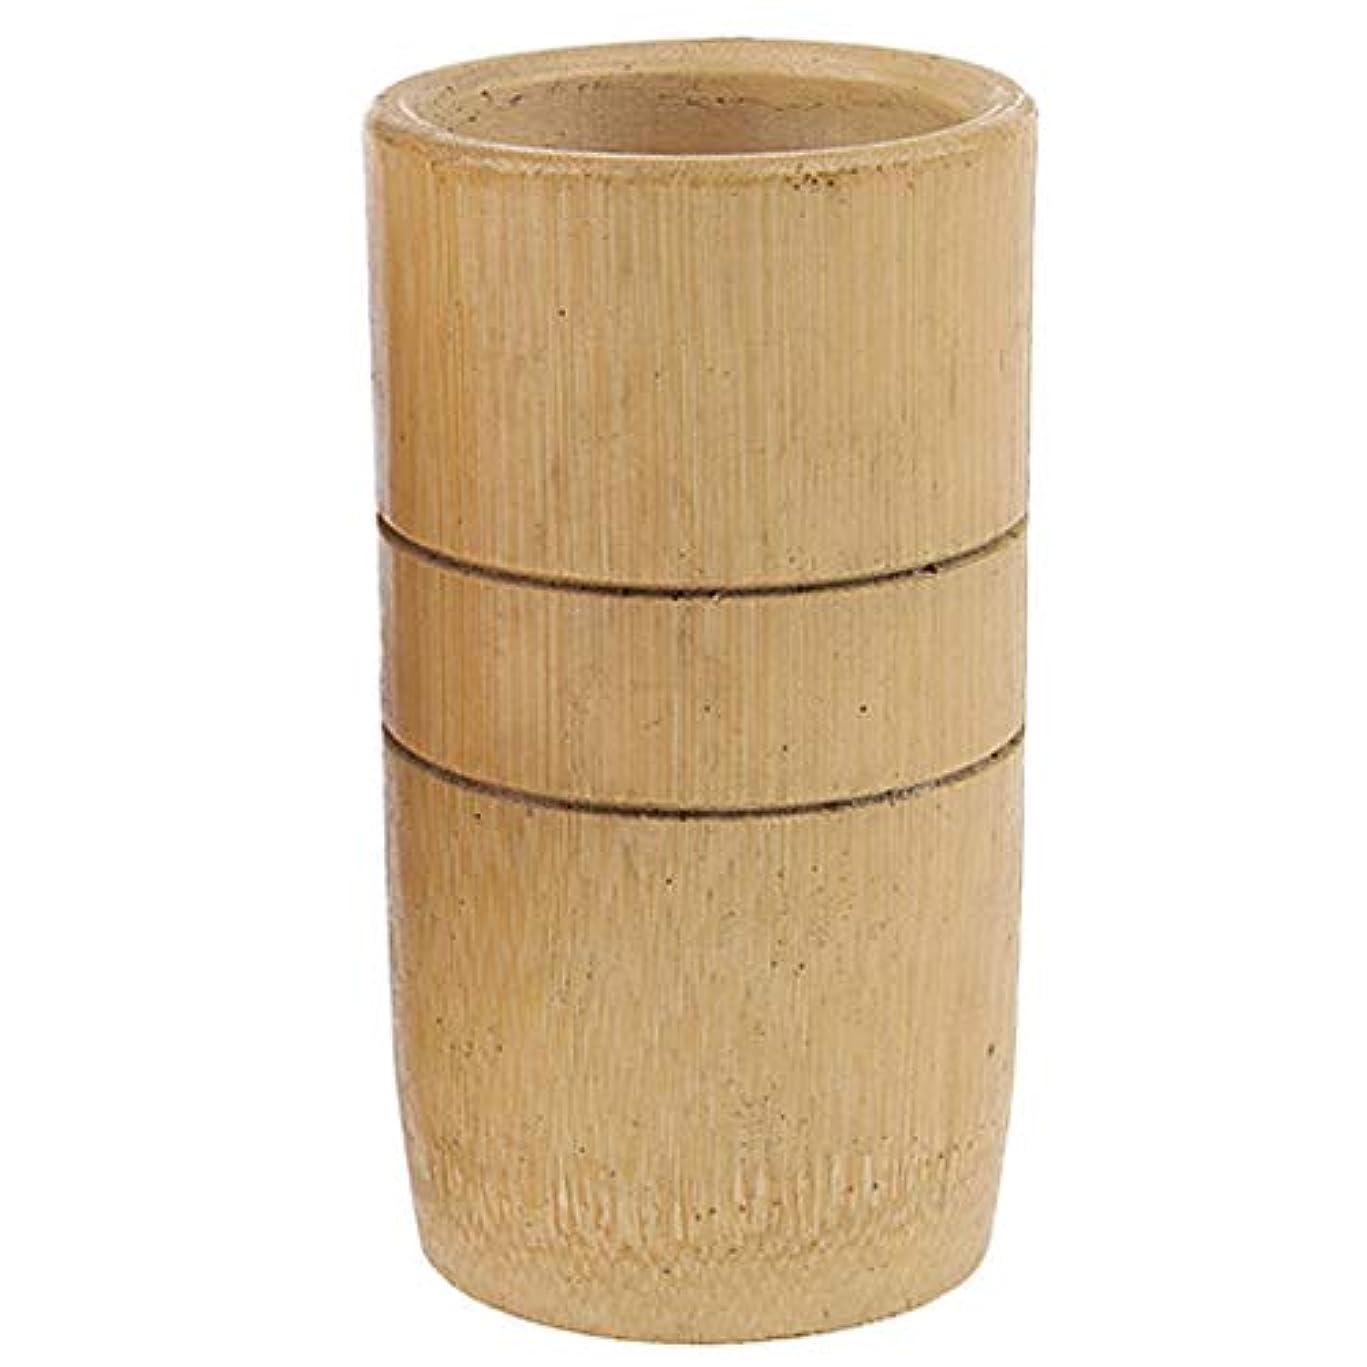 製品思いつく必要条件マッサージ吸い玉 カッピング マッサージカップ 天然竹製 ユニセックス 2個入